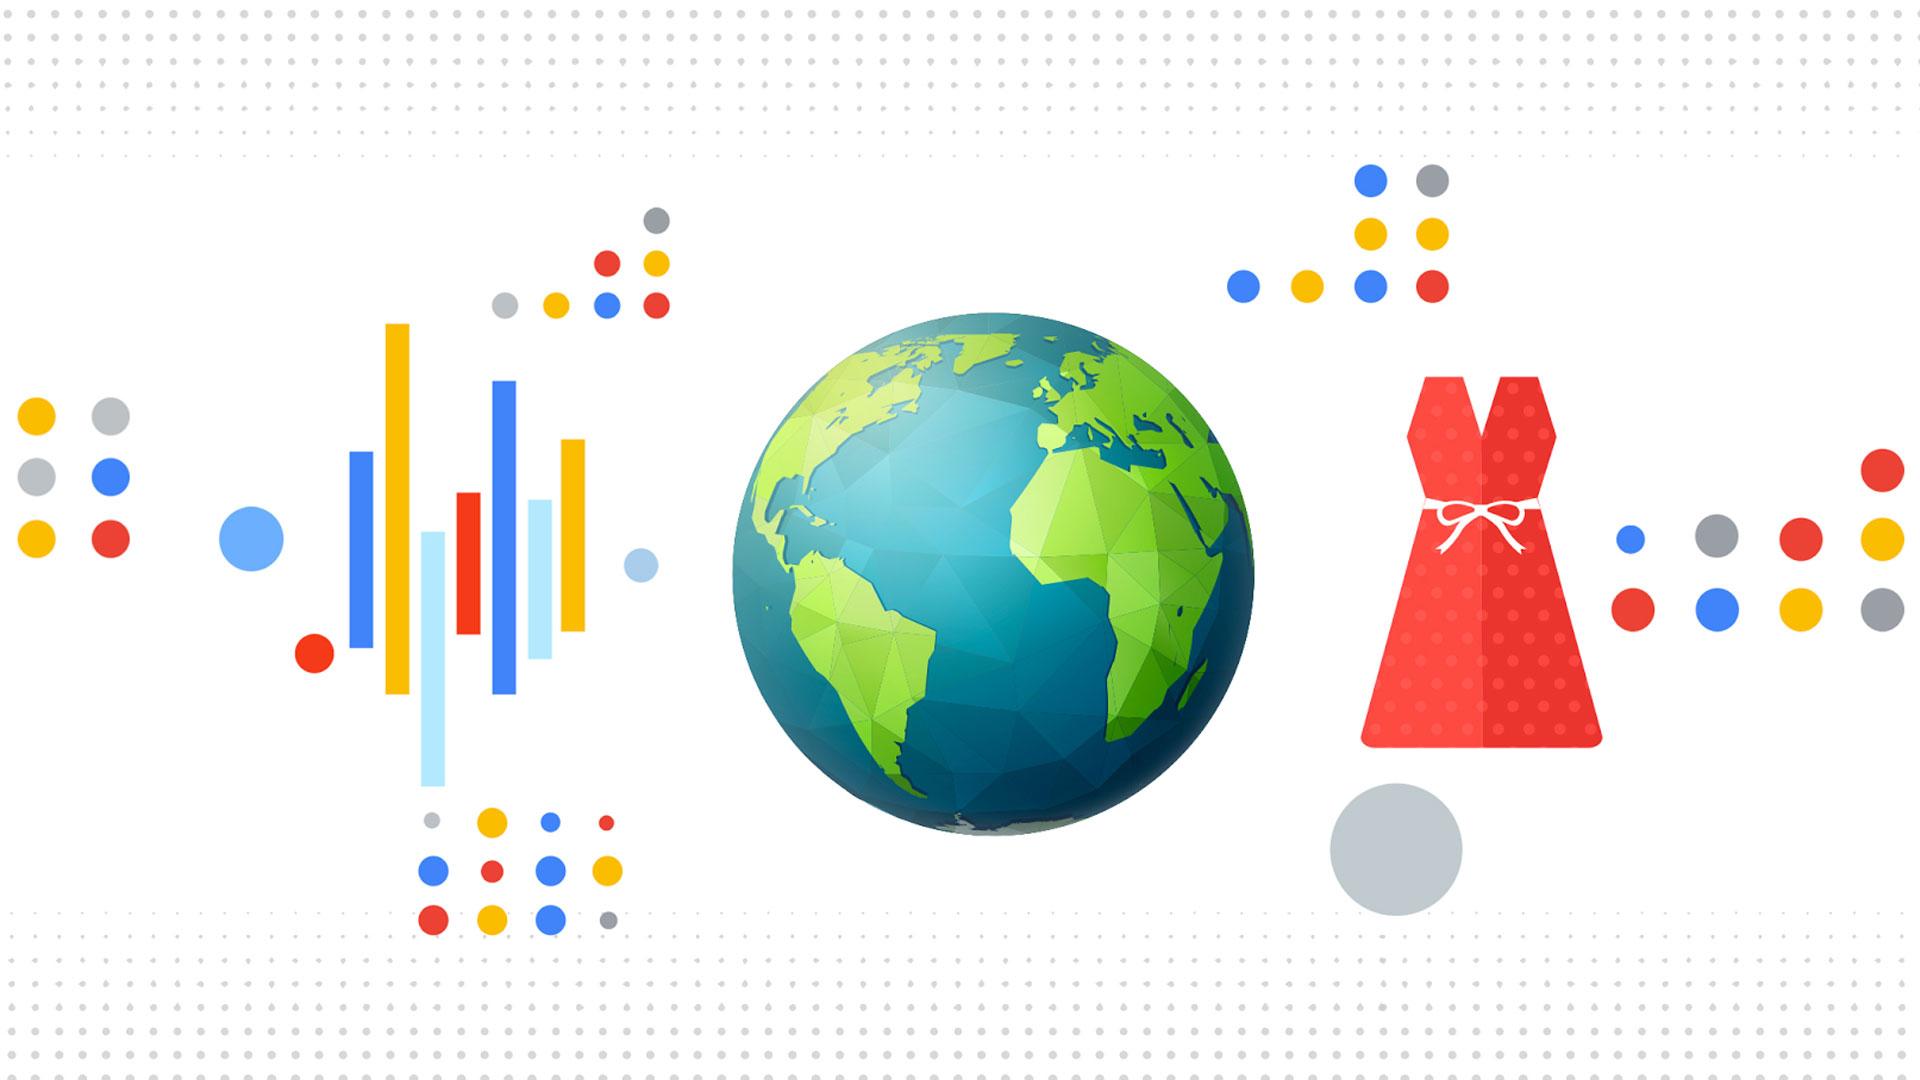 L'impatto ambientale nell'industria del fashion: il progetto di Google thumbnail